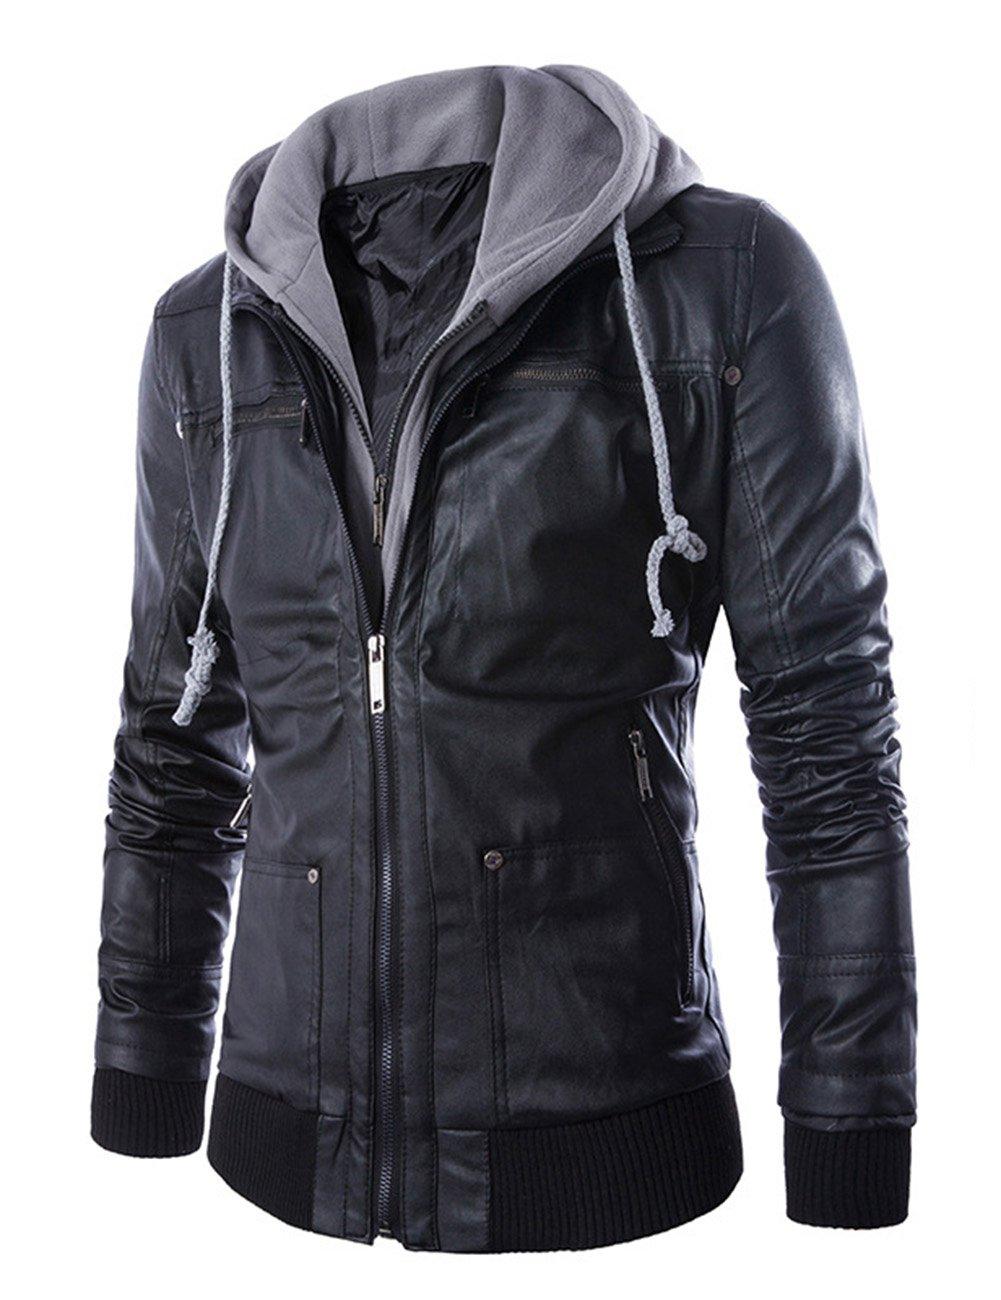 LanLan Slim Fake 2pcs Faux Leather Outerwear Jackets for Men Black L